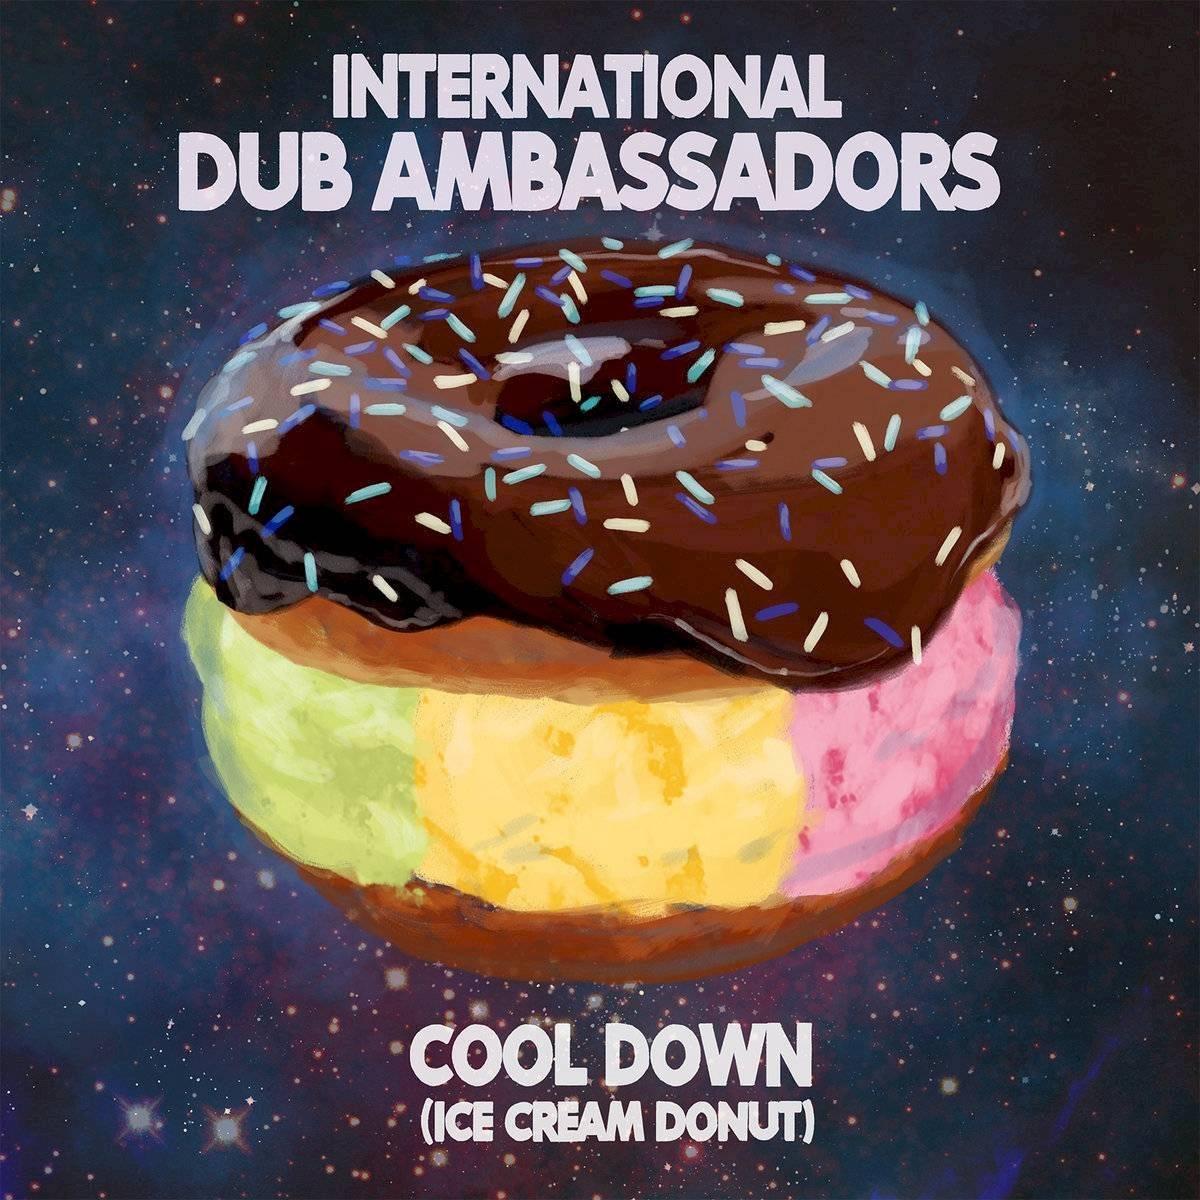 ida cool down